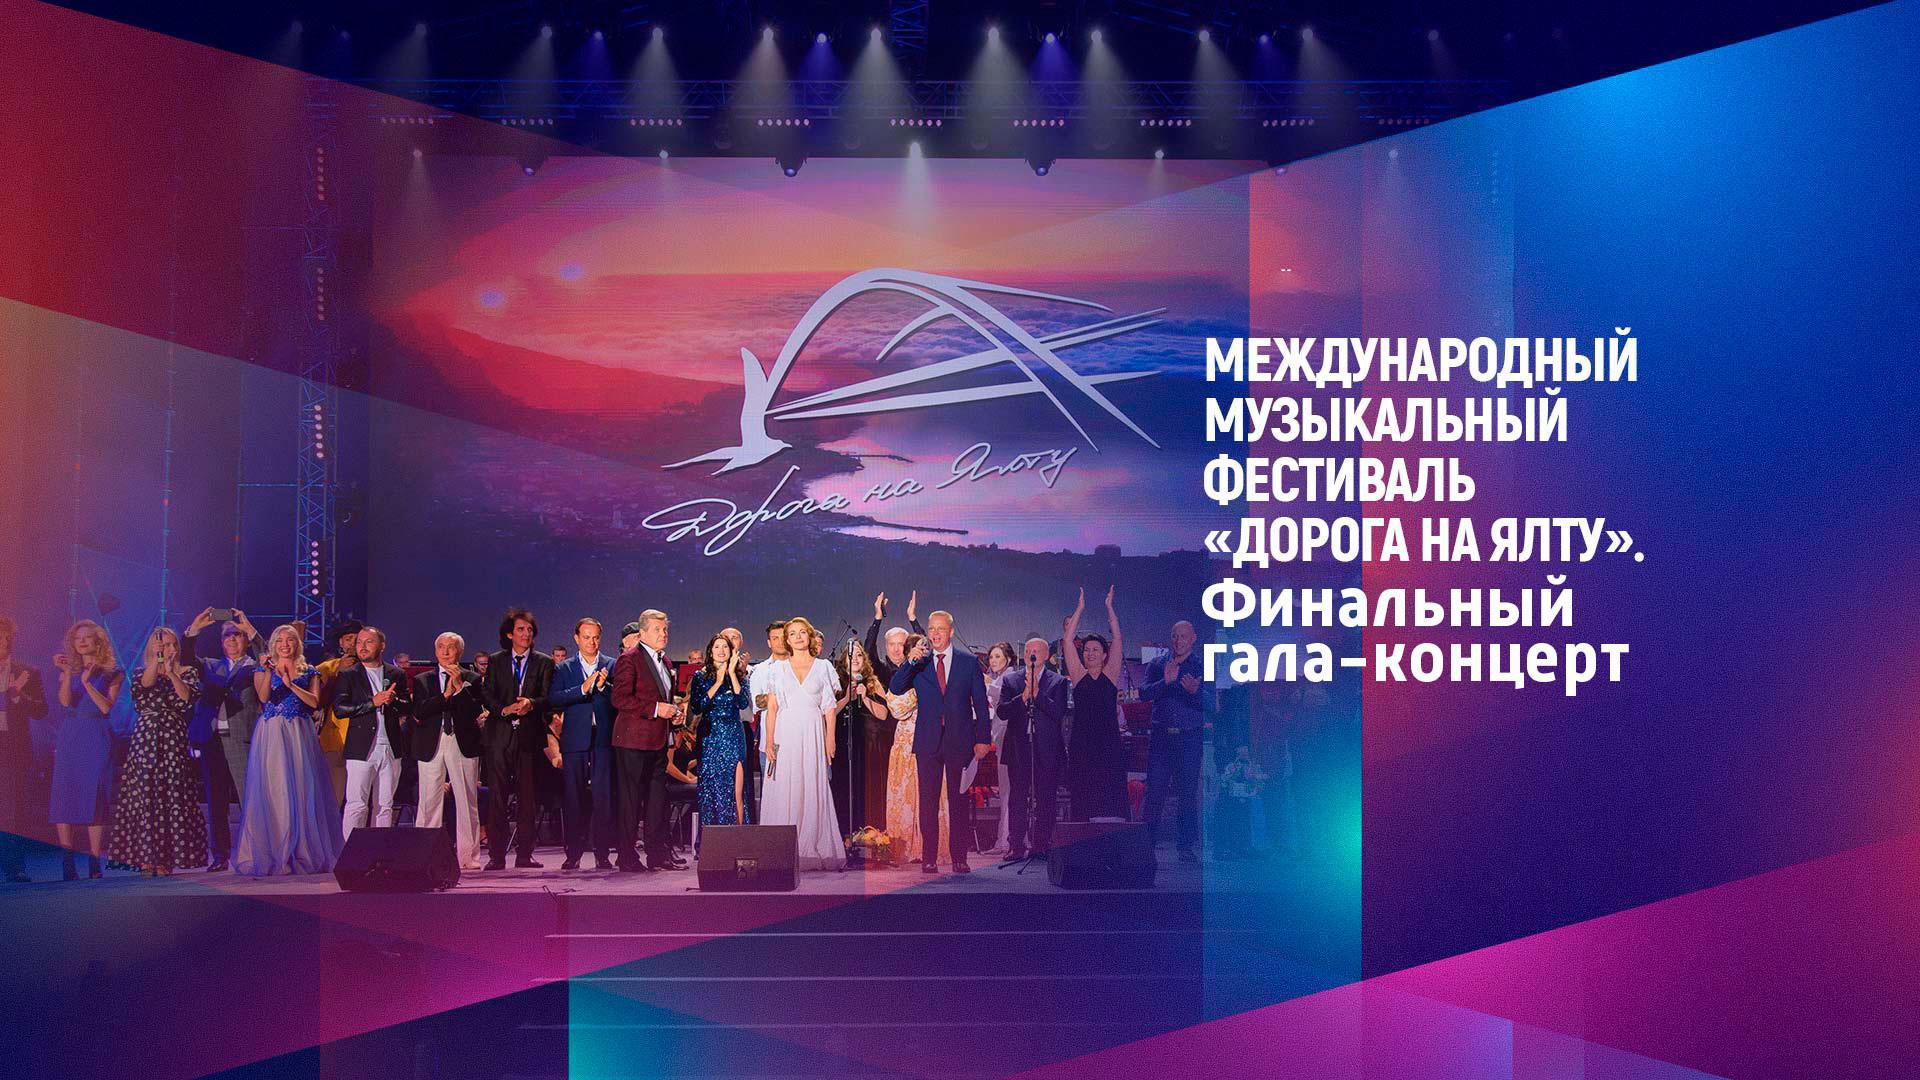 """Международный музыкальный фестиваль """"Дорога на Ялту"""". Финальный гала-концерт"""